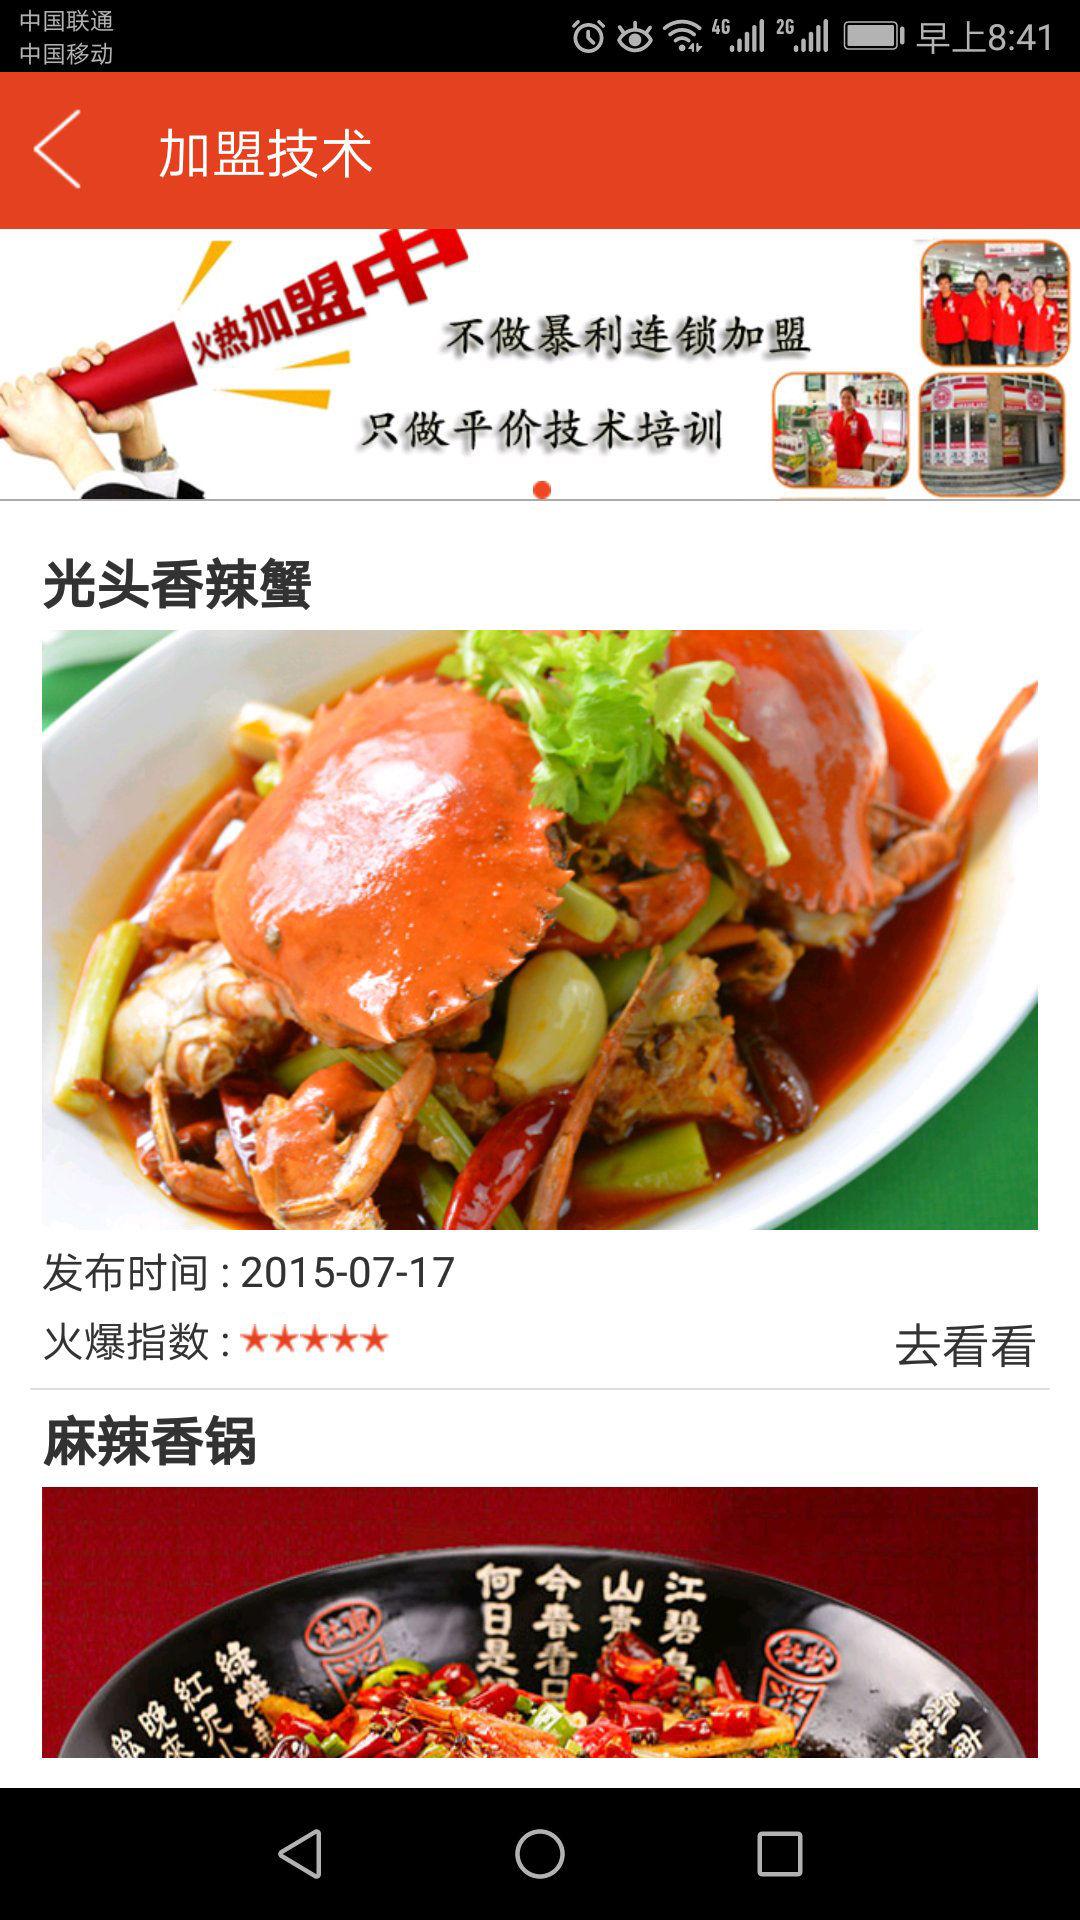 中国食话食说-应用截图